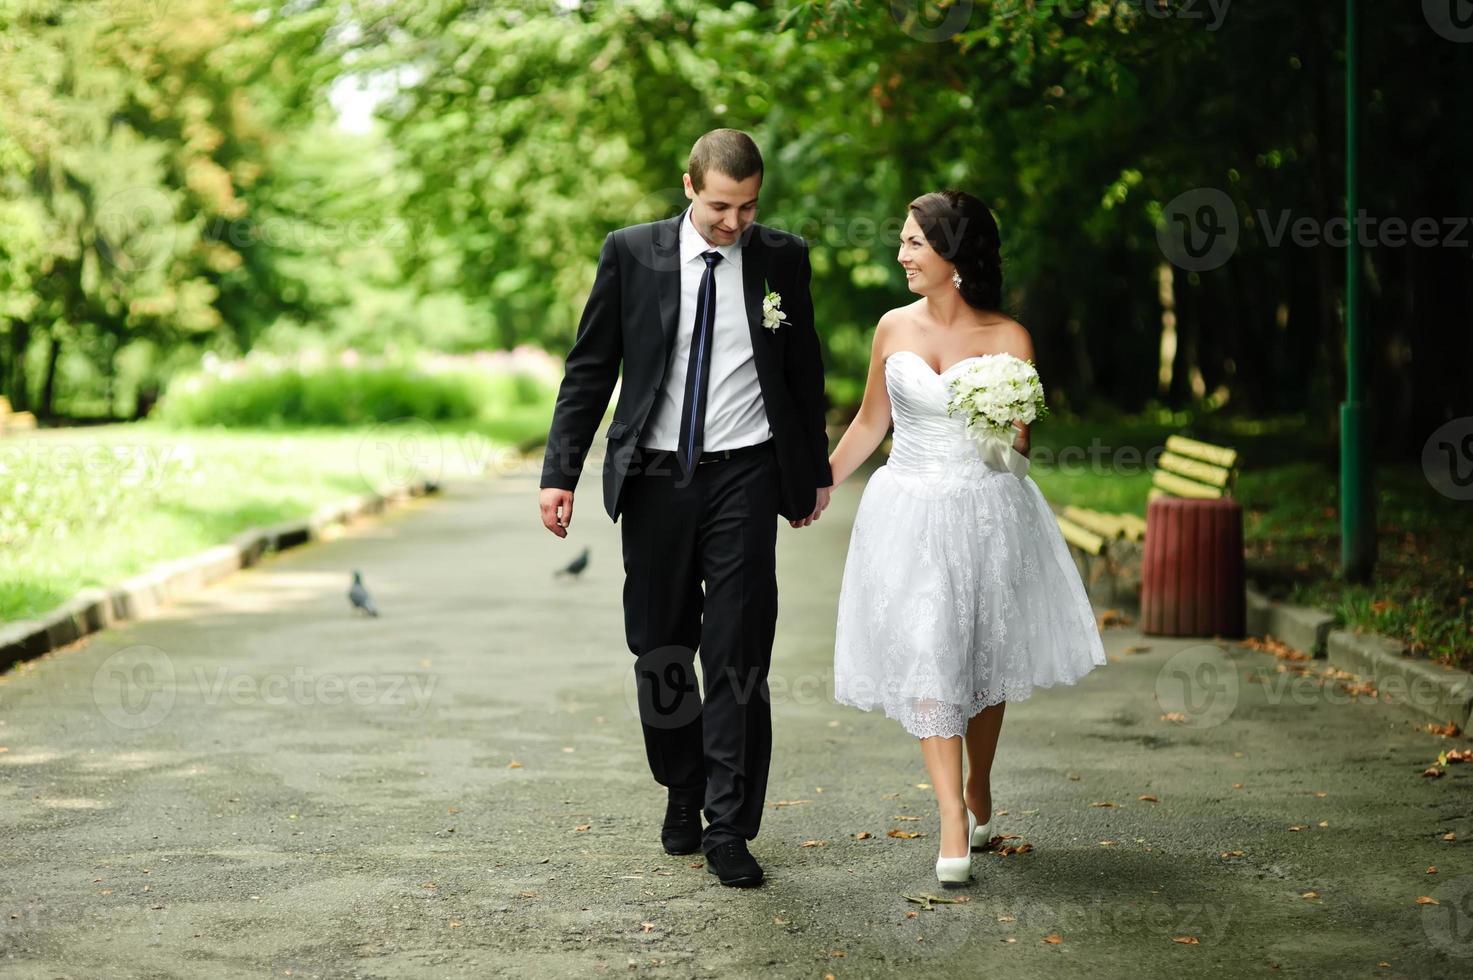 unga nygifta kaukasiska par lyckliga tillsammans. foto